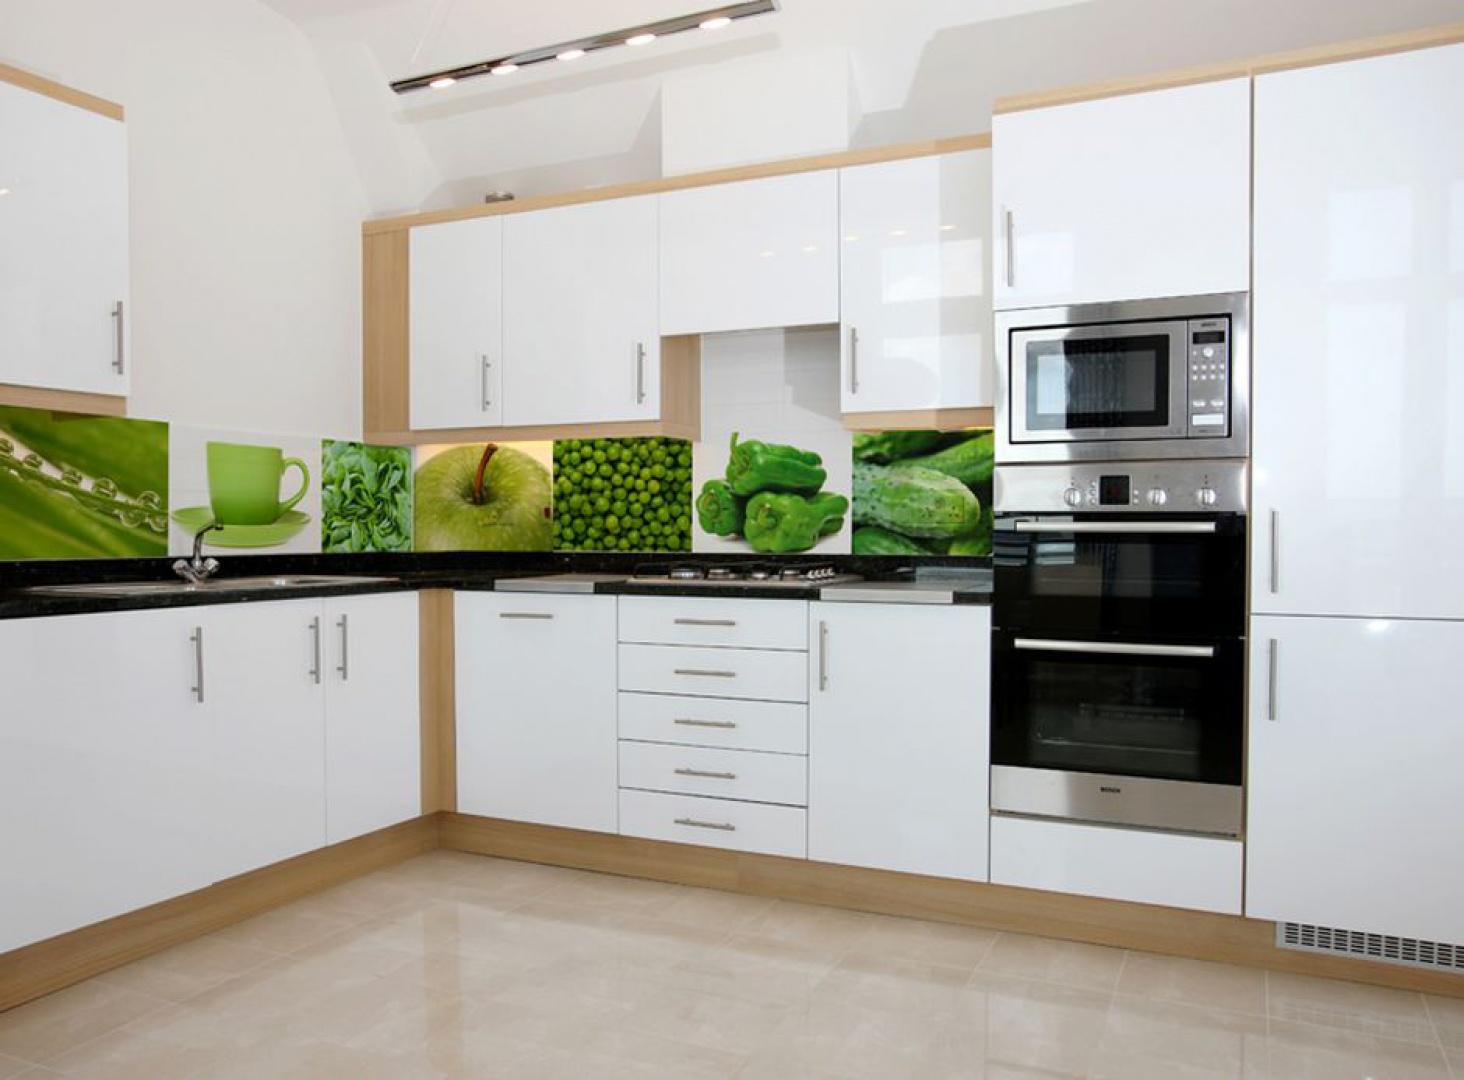 Kolaż zielonych elementów to idealny wybór do nowoczesnej, białej kuchni. Jabłuszko, groszek, paprykę czy szparagi warto wprowadzić nie tylko do swojej codziennej diety ale także do aranżacji wnętrza. Fot. Artofwall.